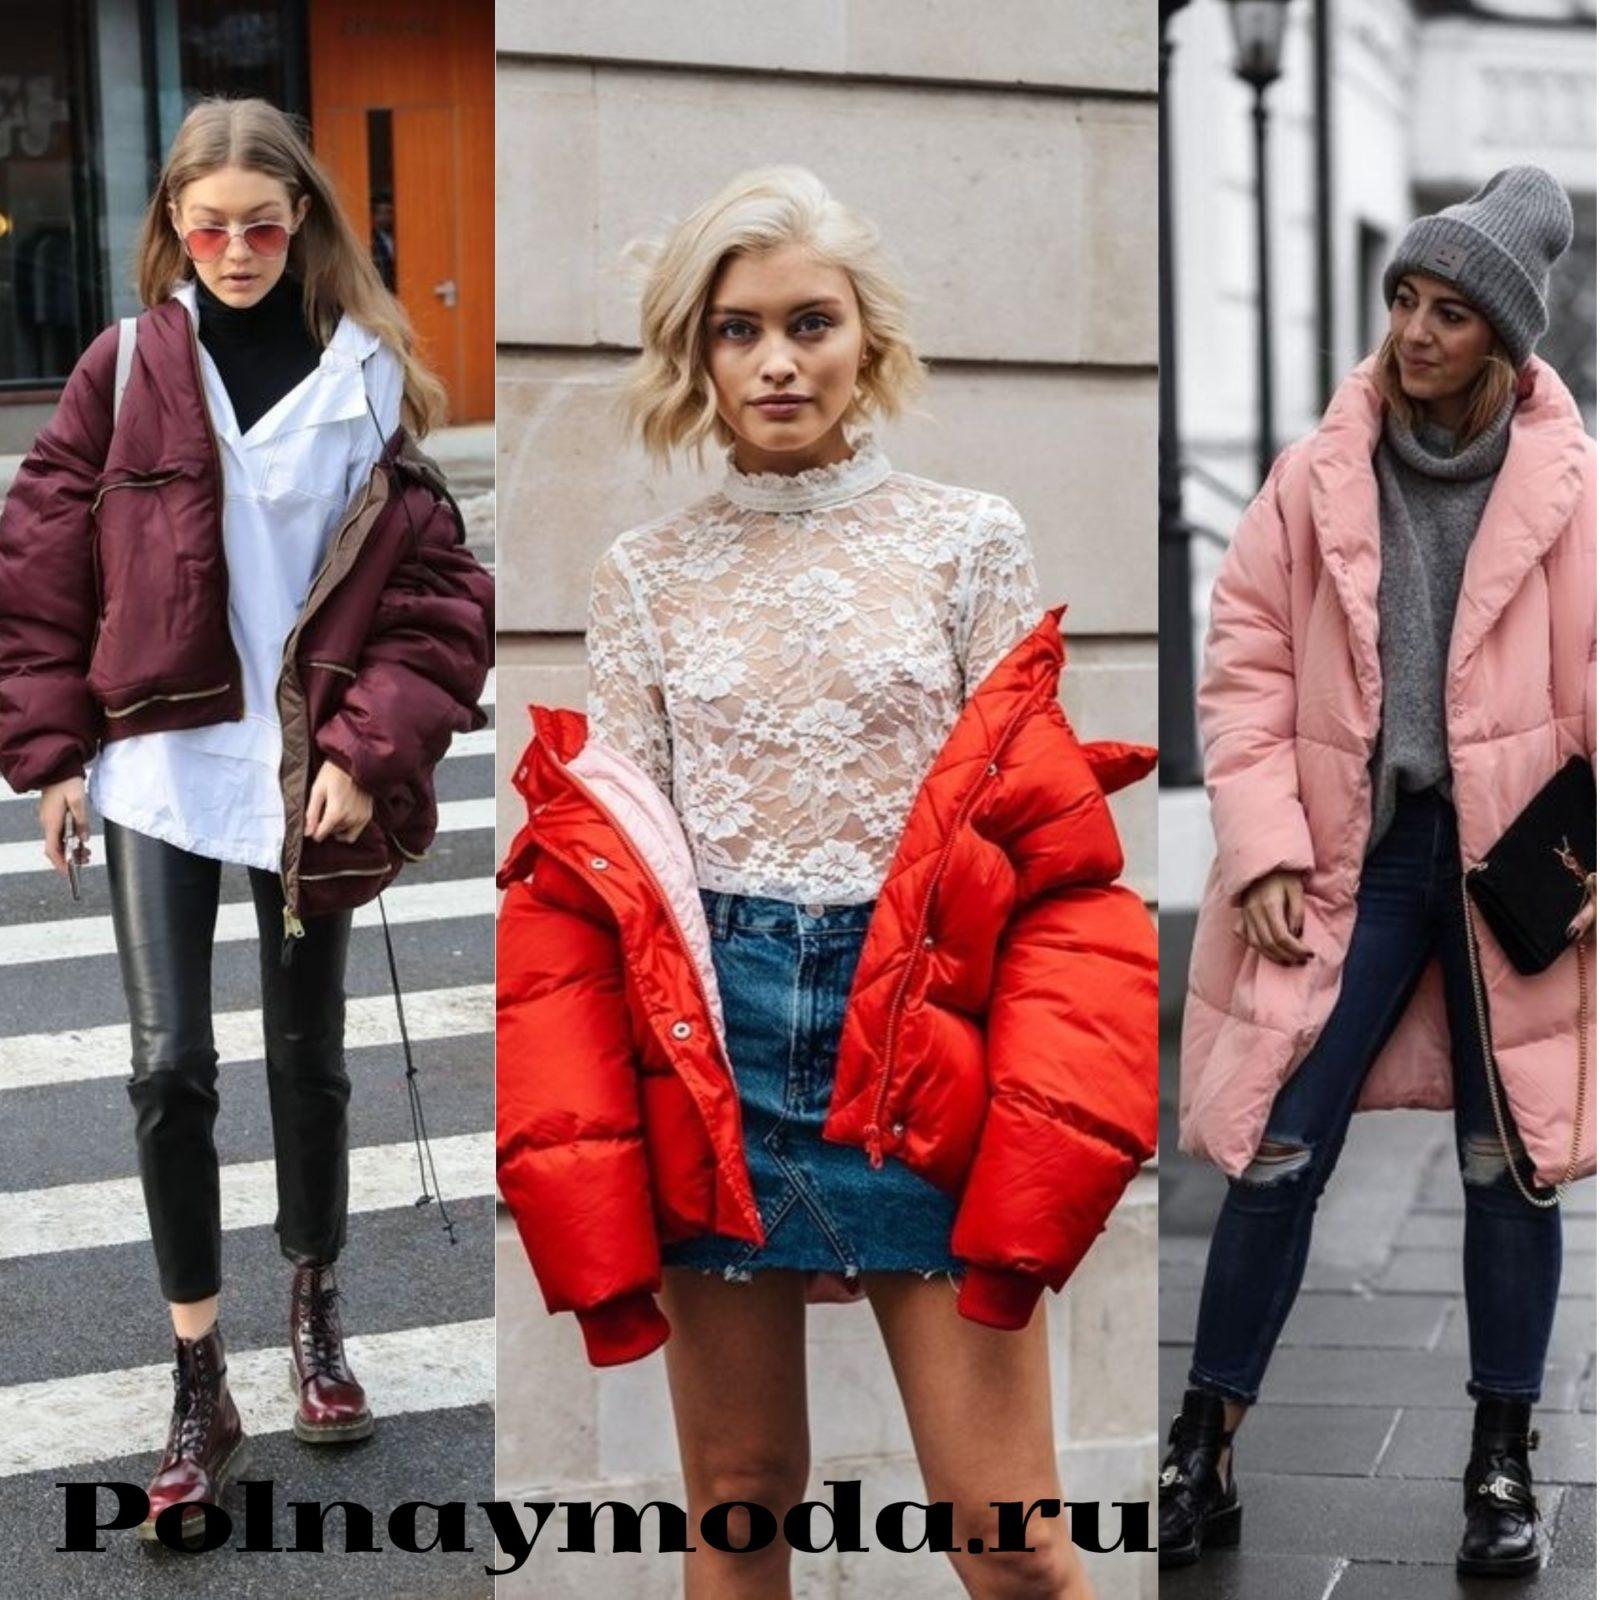 уличный стиль мода улиц пуховики 2018 ассимтричные яркие короткие длинные